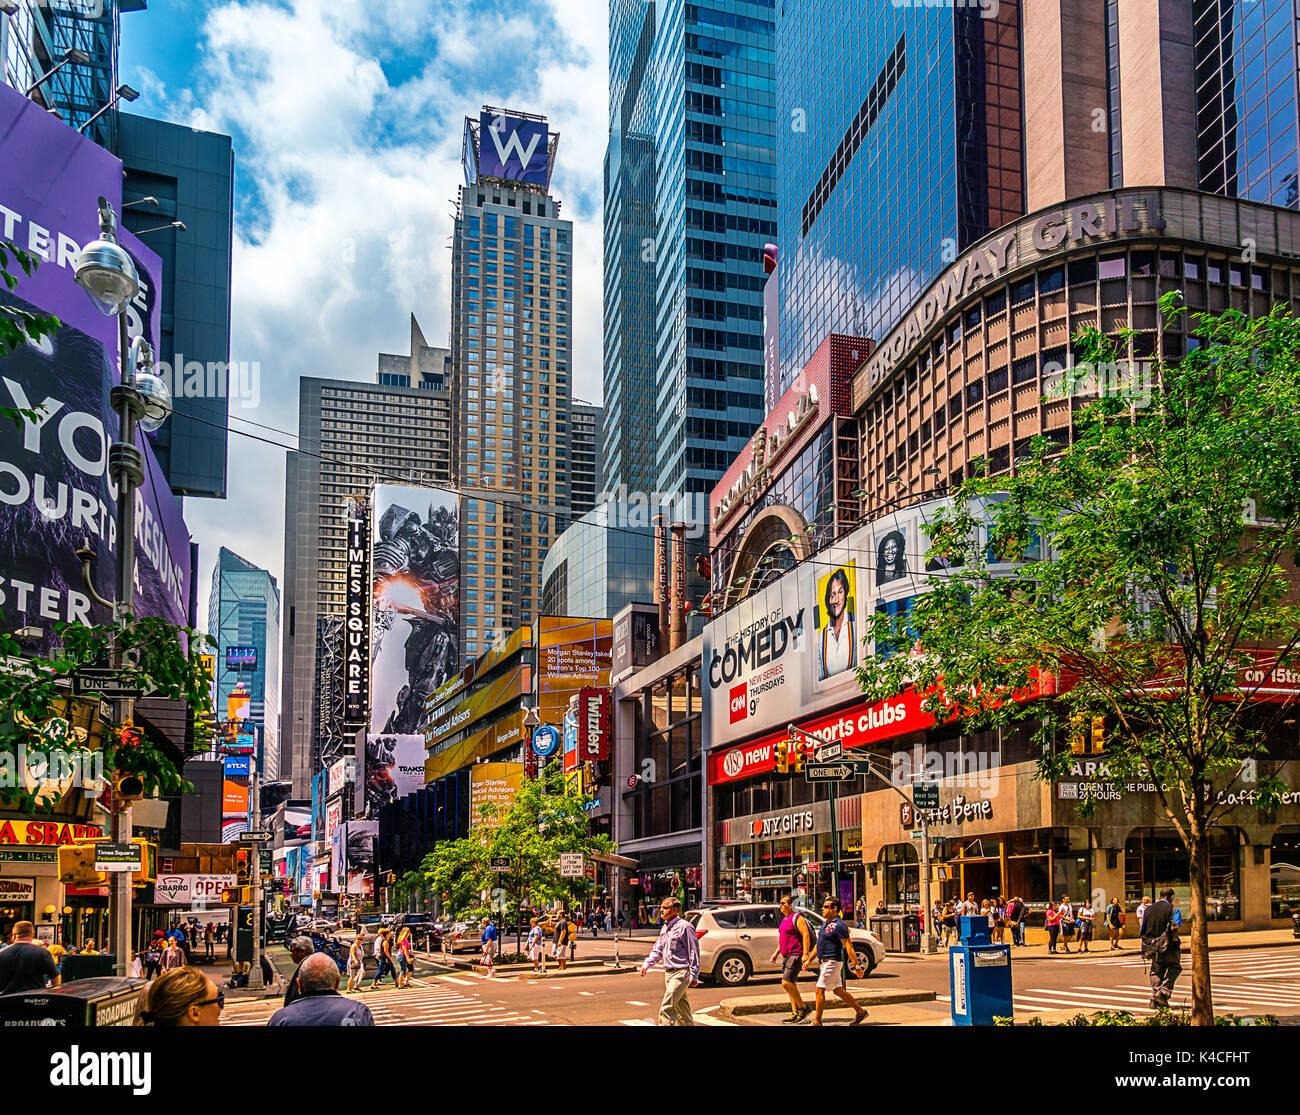 Straße Landschaft am Broadway in Manhattan, New York City, in der Nähe von Times Square. Bild mit Verkehr und Taxis und das berühmte Theater und musikalische Ads und billdboards. Stockbild